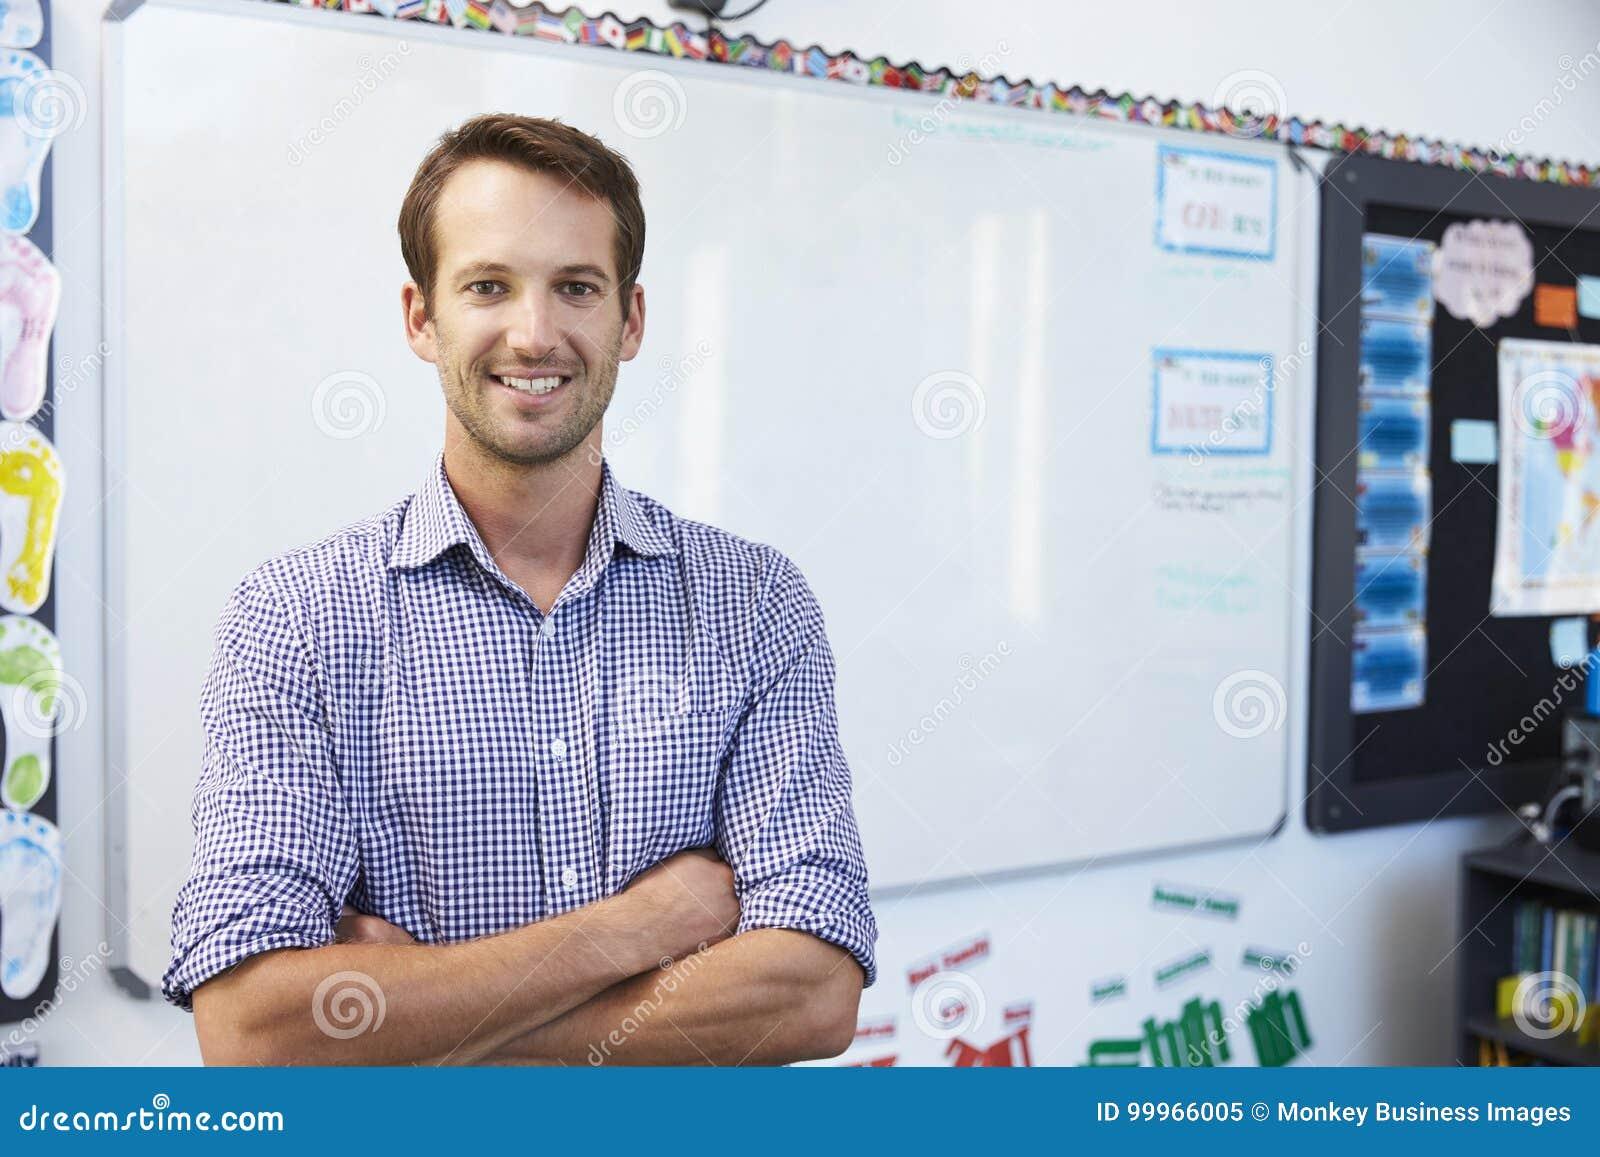 Portret van jonge witte mannelijke leraar in schoolklaslokaal